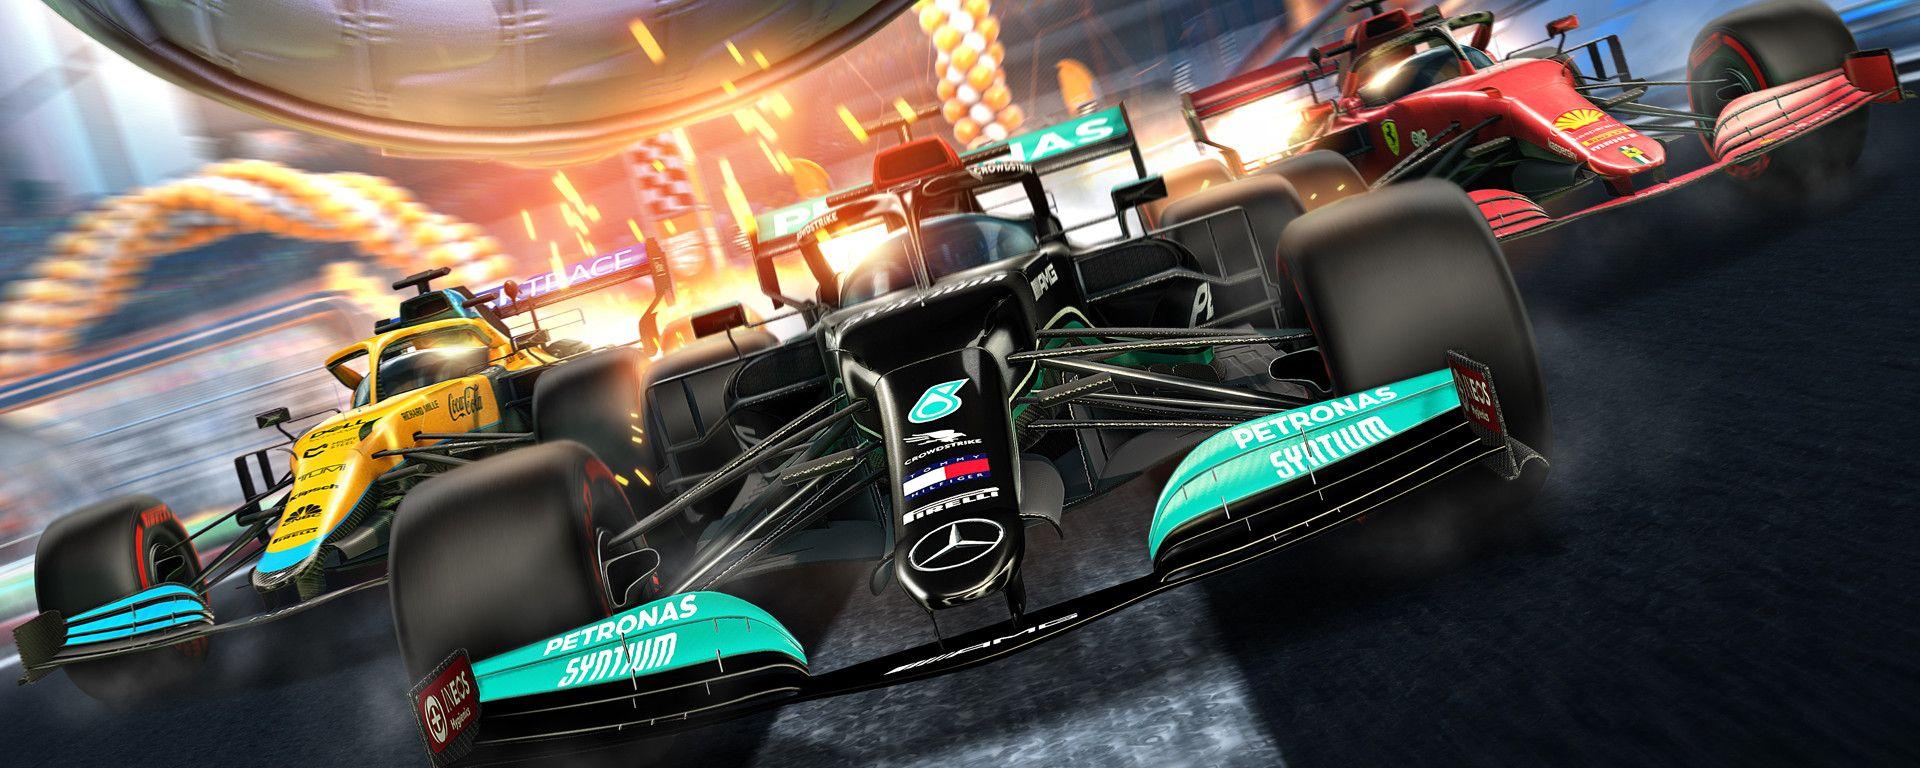 Formula 1 in Rocket League!